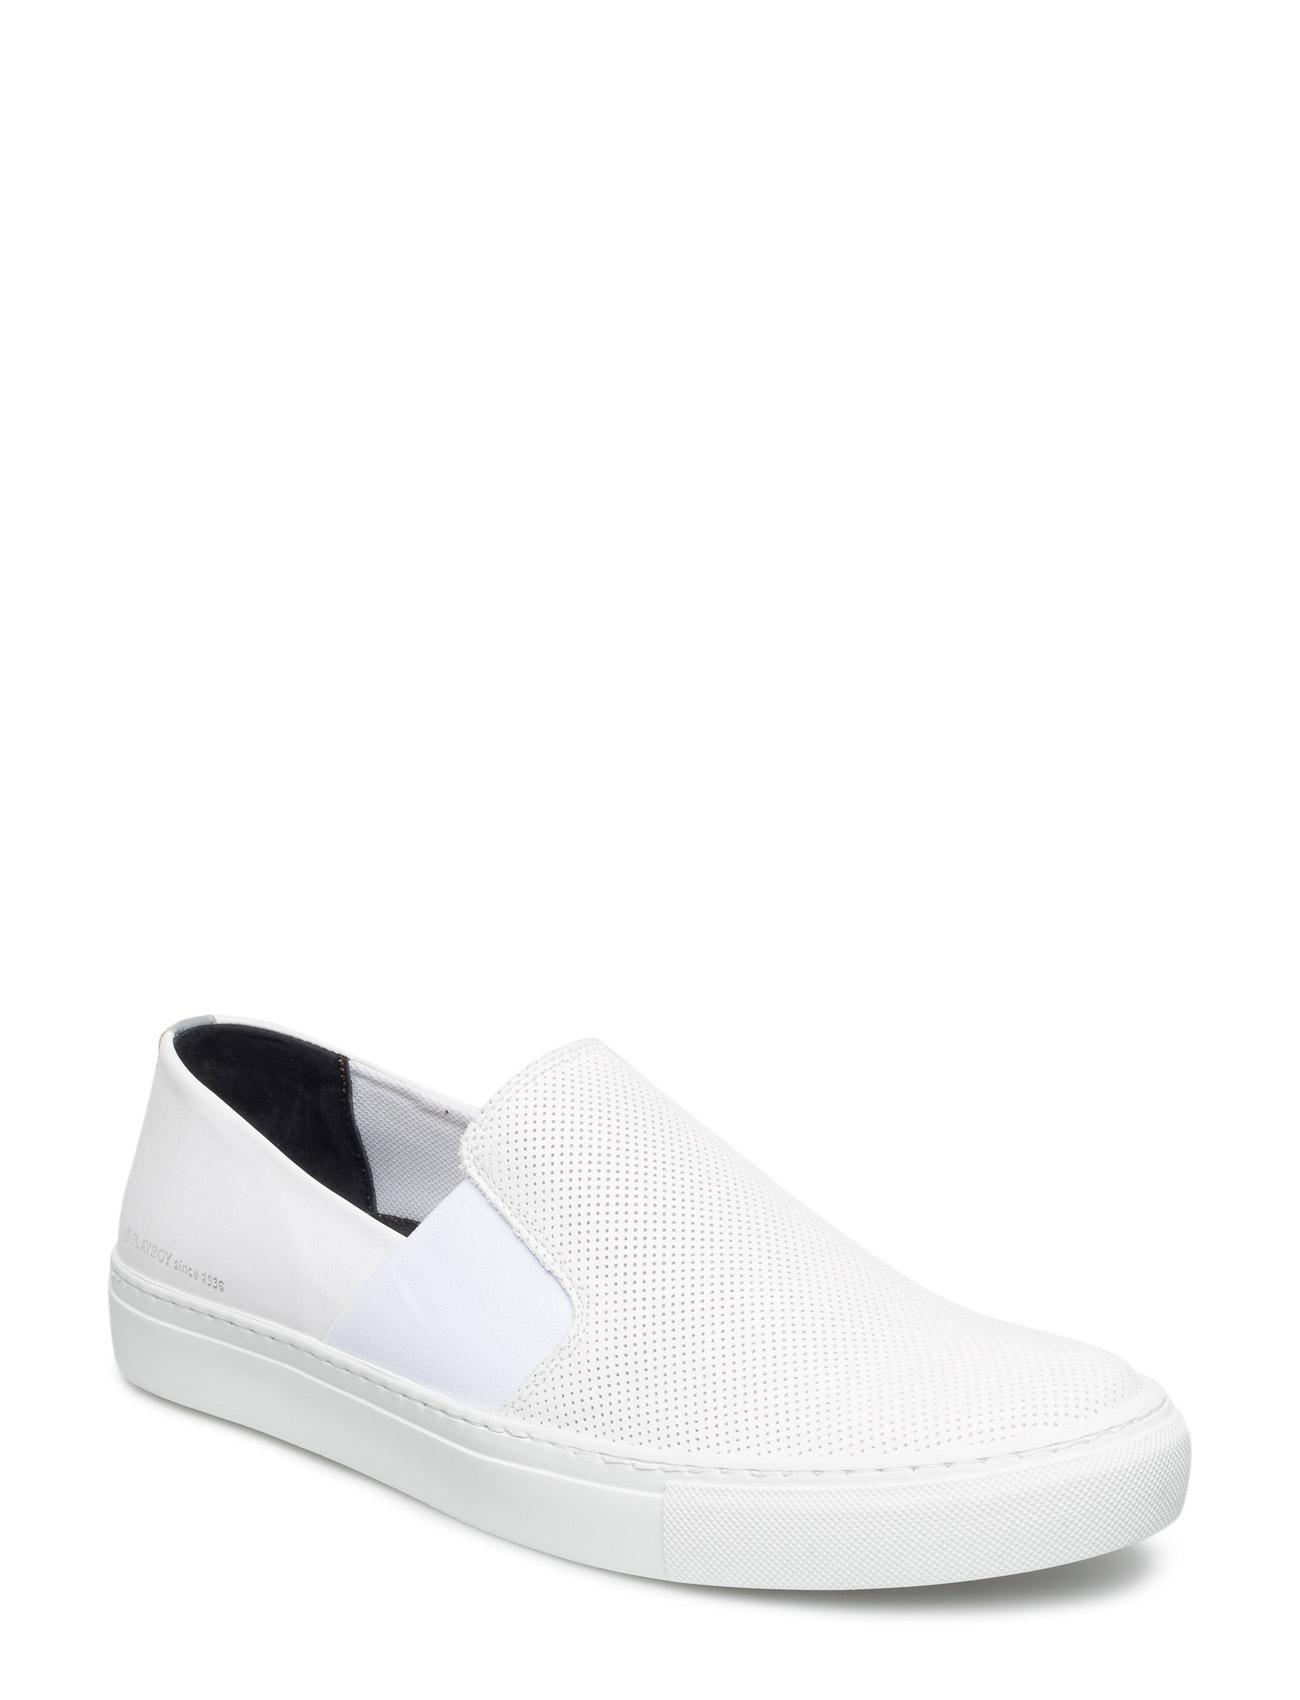 Amarillo Playboy Footwear Sneakers til Herrer i hvid